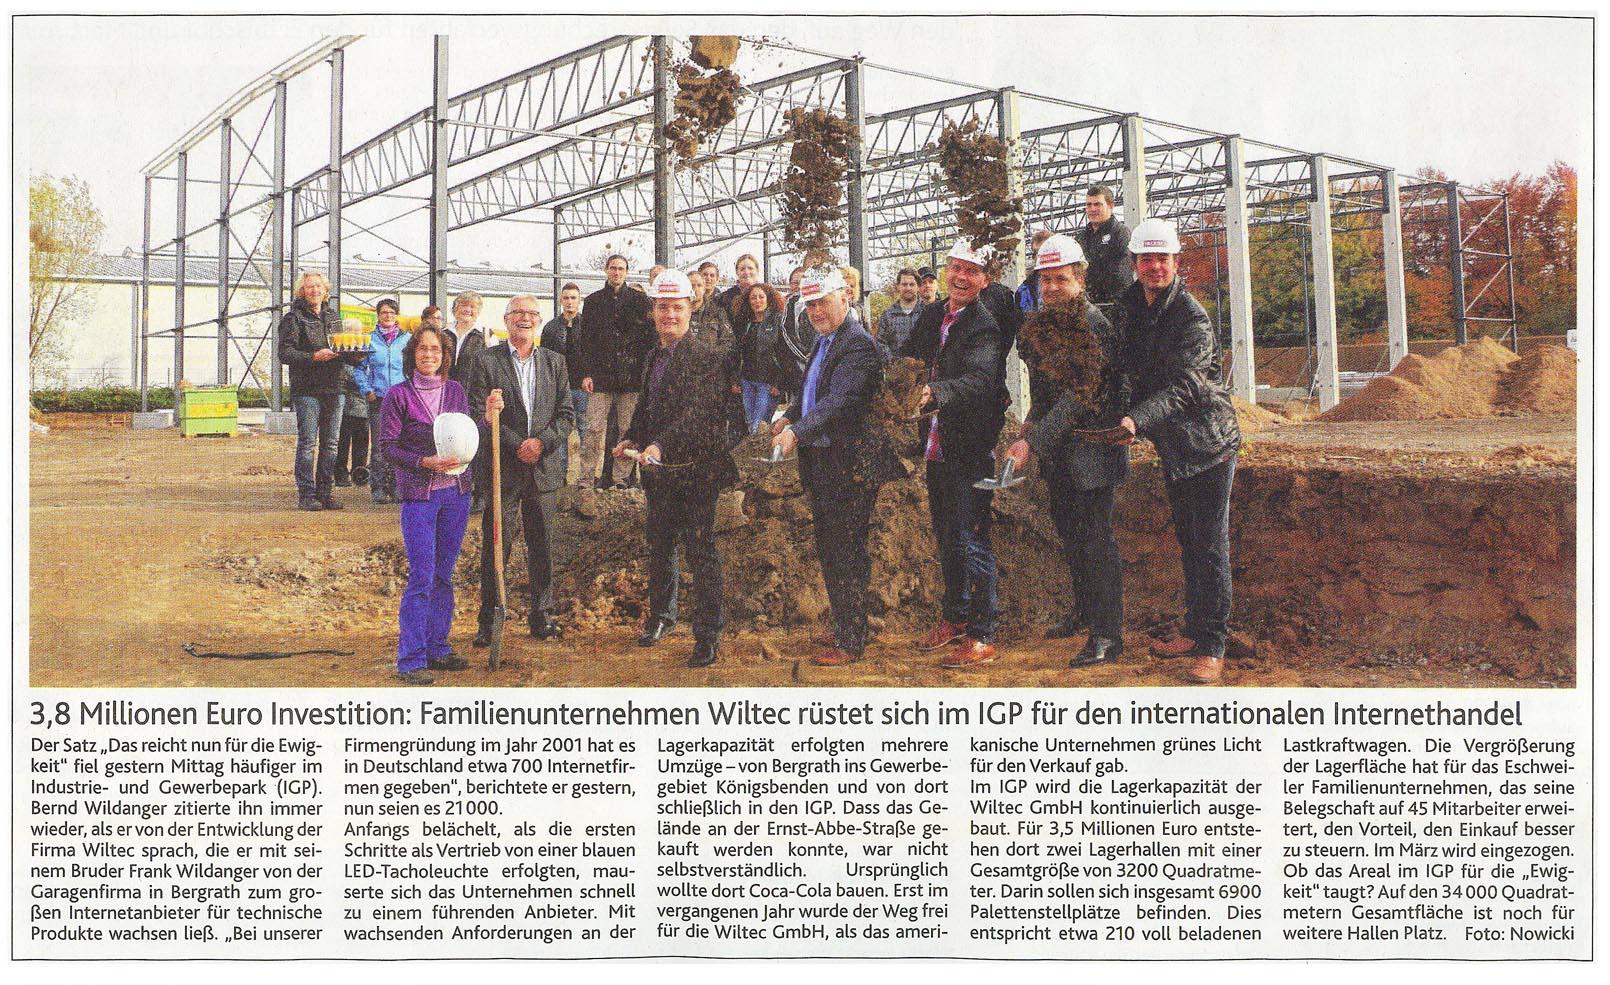 3,8 Millionen Euro Investition: Familienunternehmen Wiltec